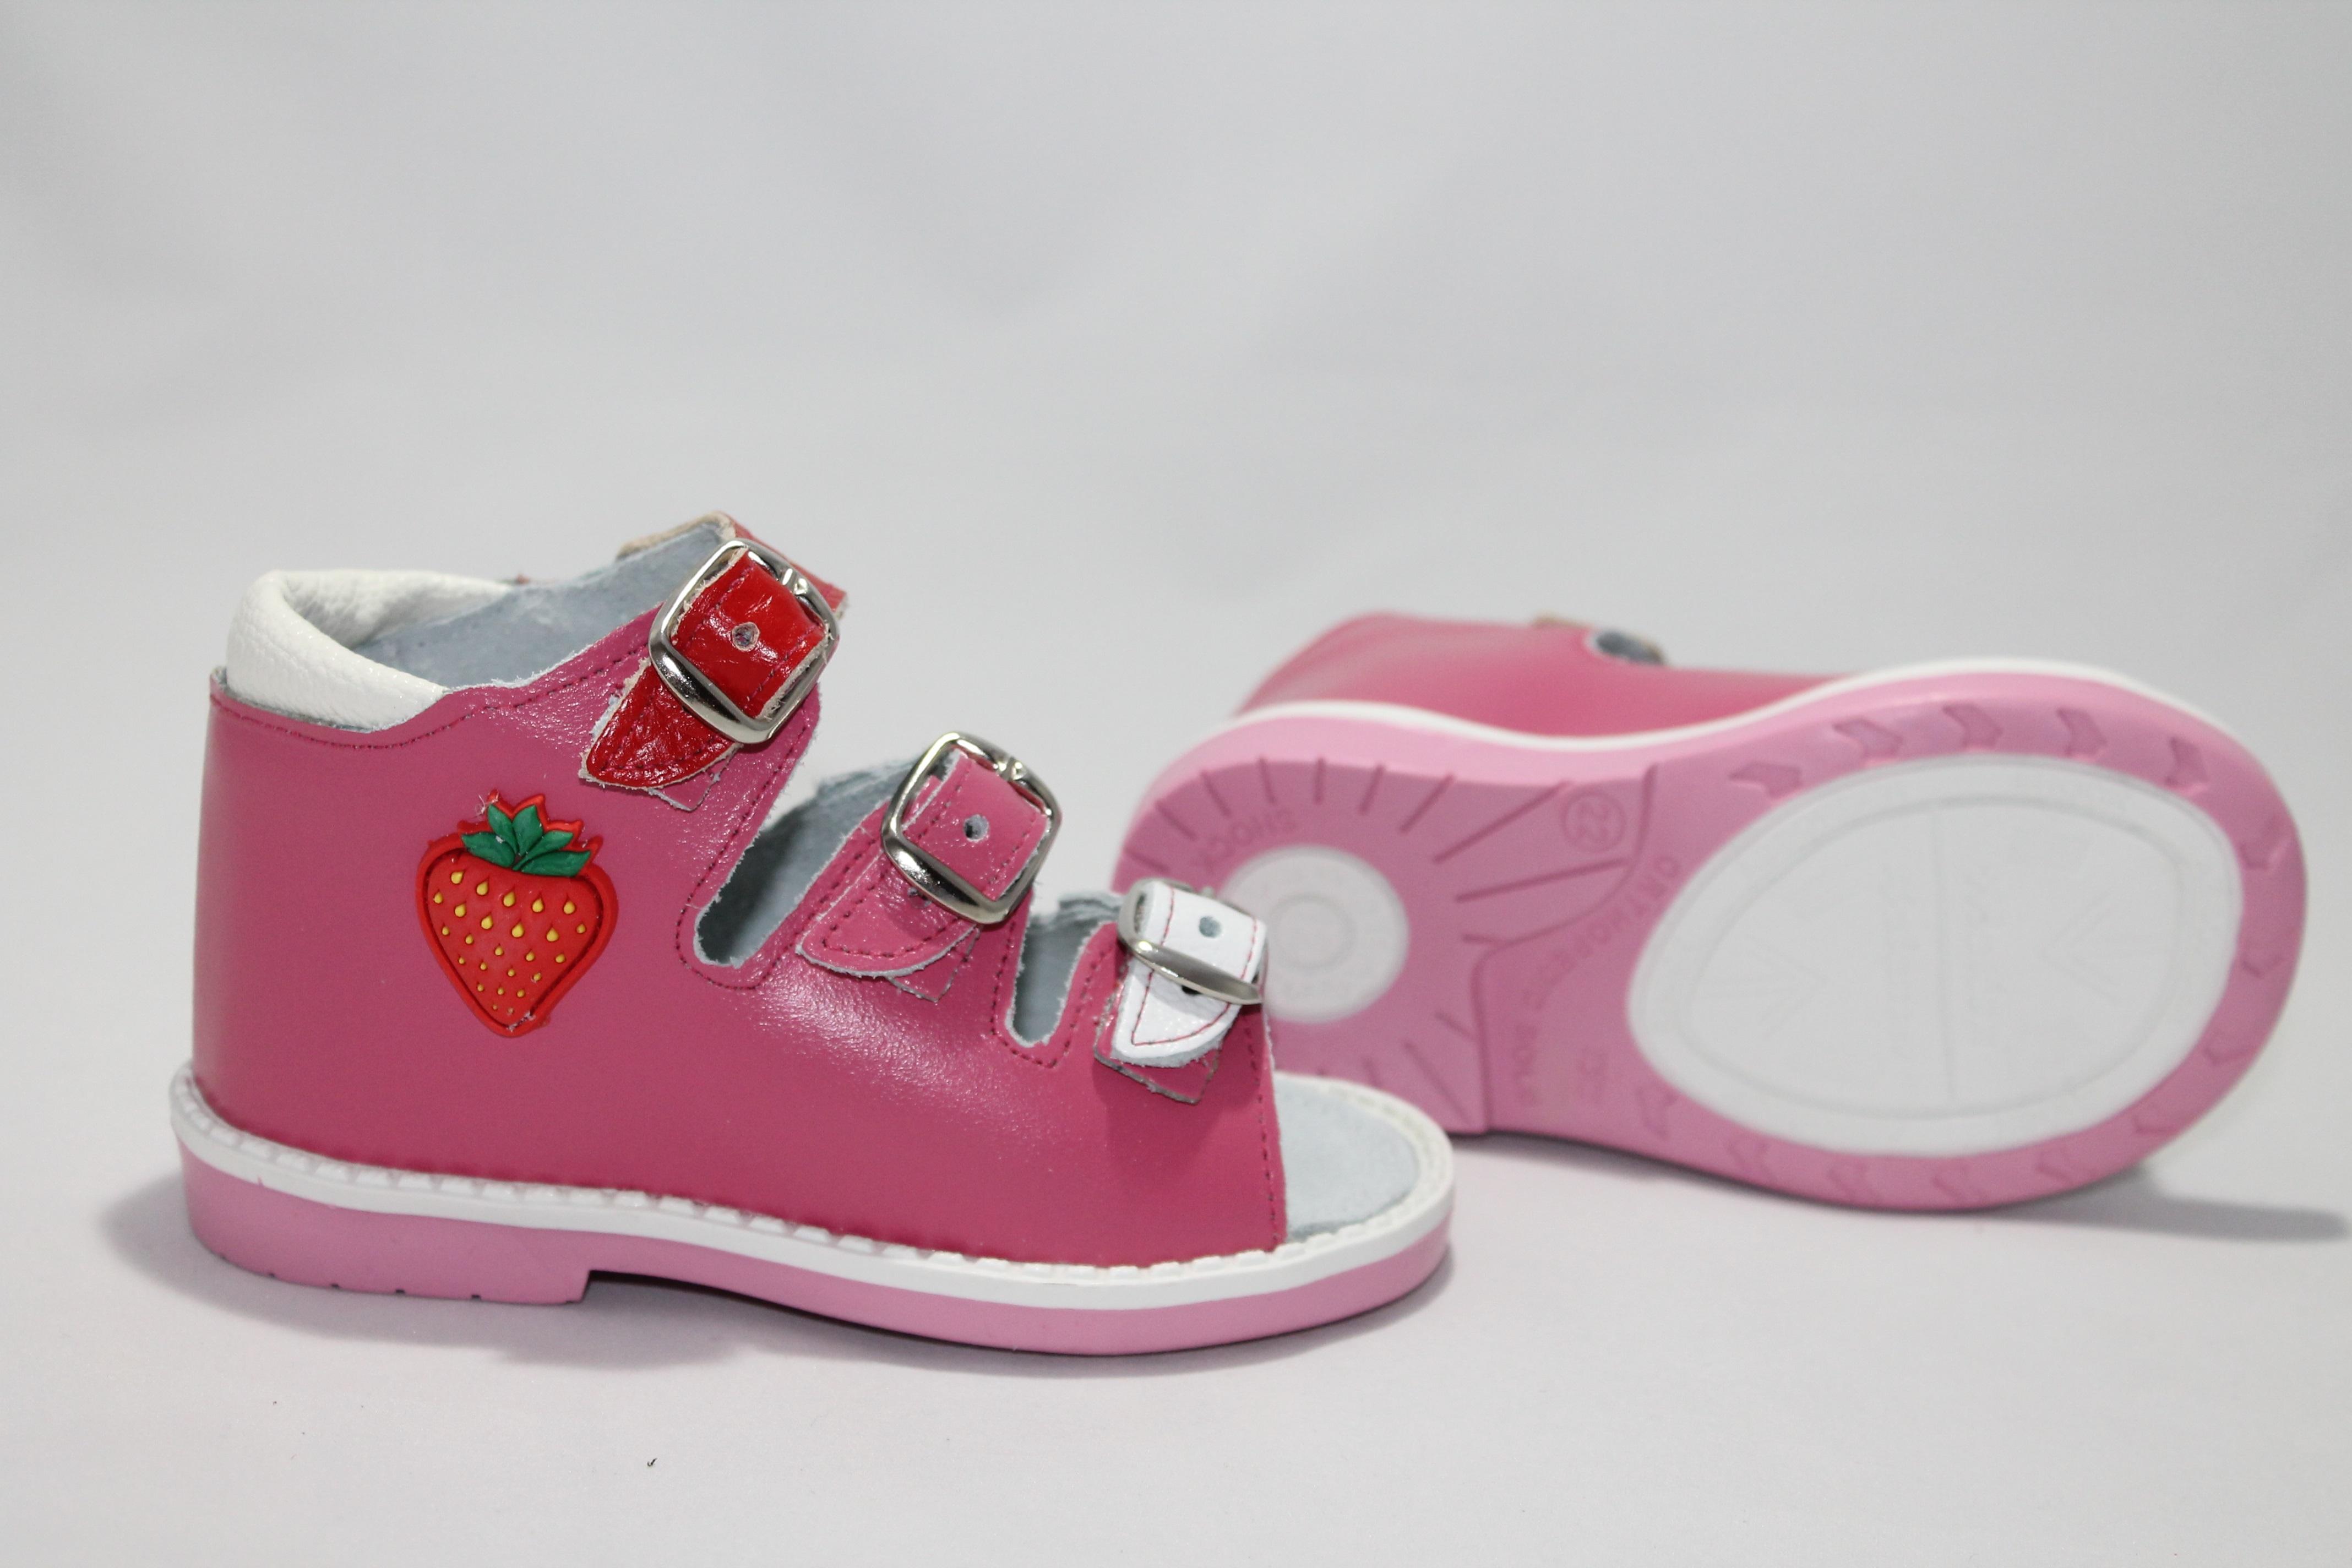 Сбор заказов. Детская Богородская обувная фабрика. Орто-сандалии 790 руб, сандалии-классика от 200 руб, ботиночки - осень, чешки, тапочки, пинетки. Без рядов. Консультирую по подбору нужного размера. Выкуп 15